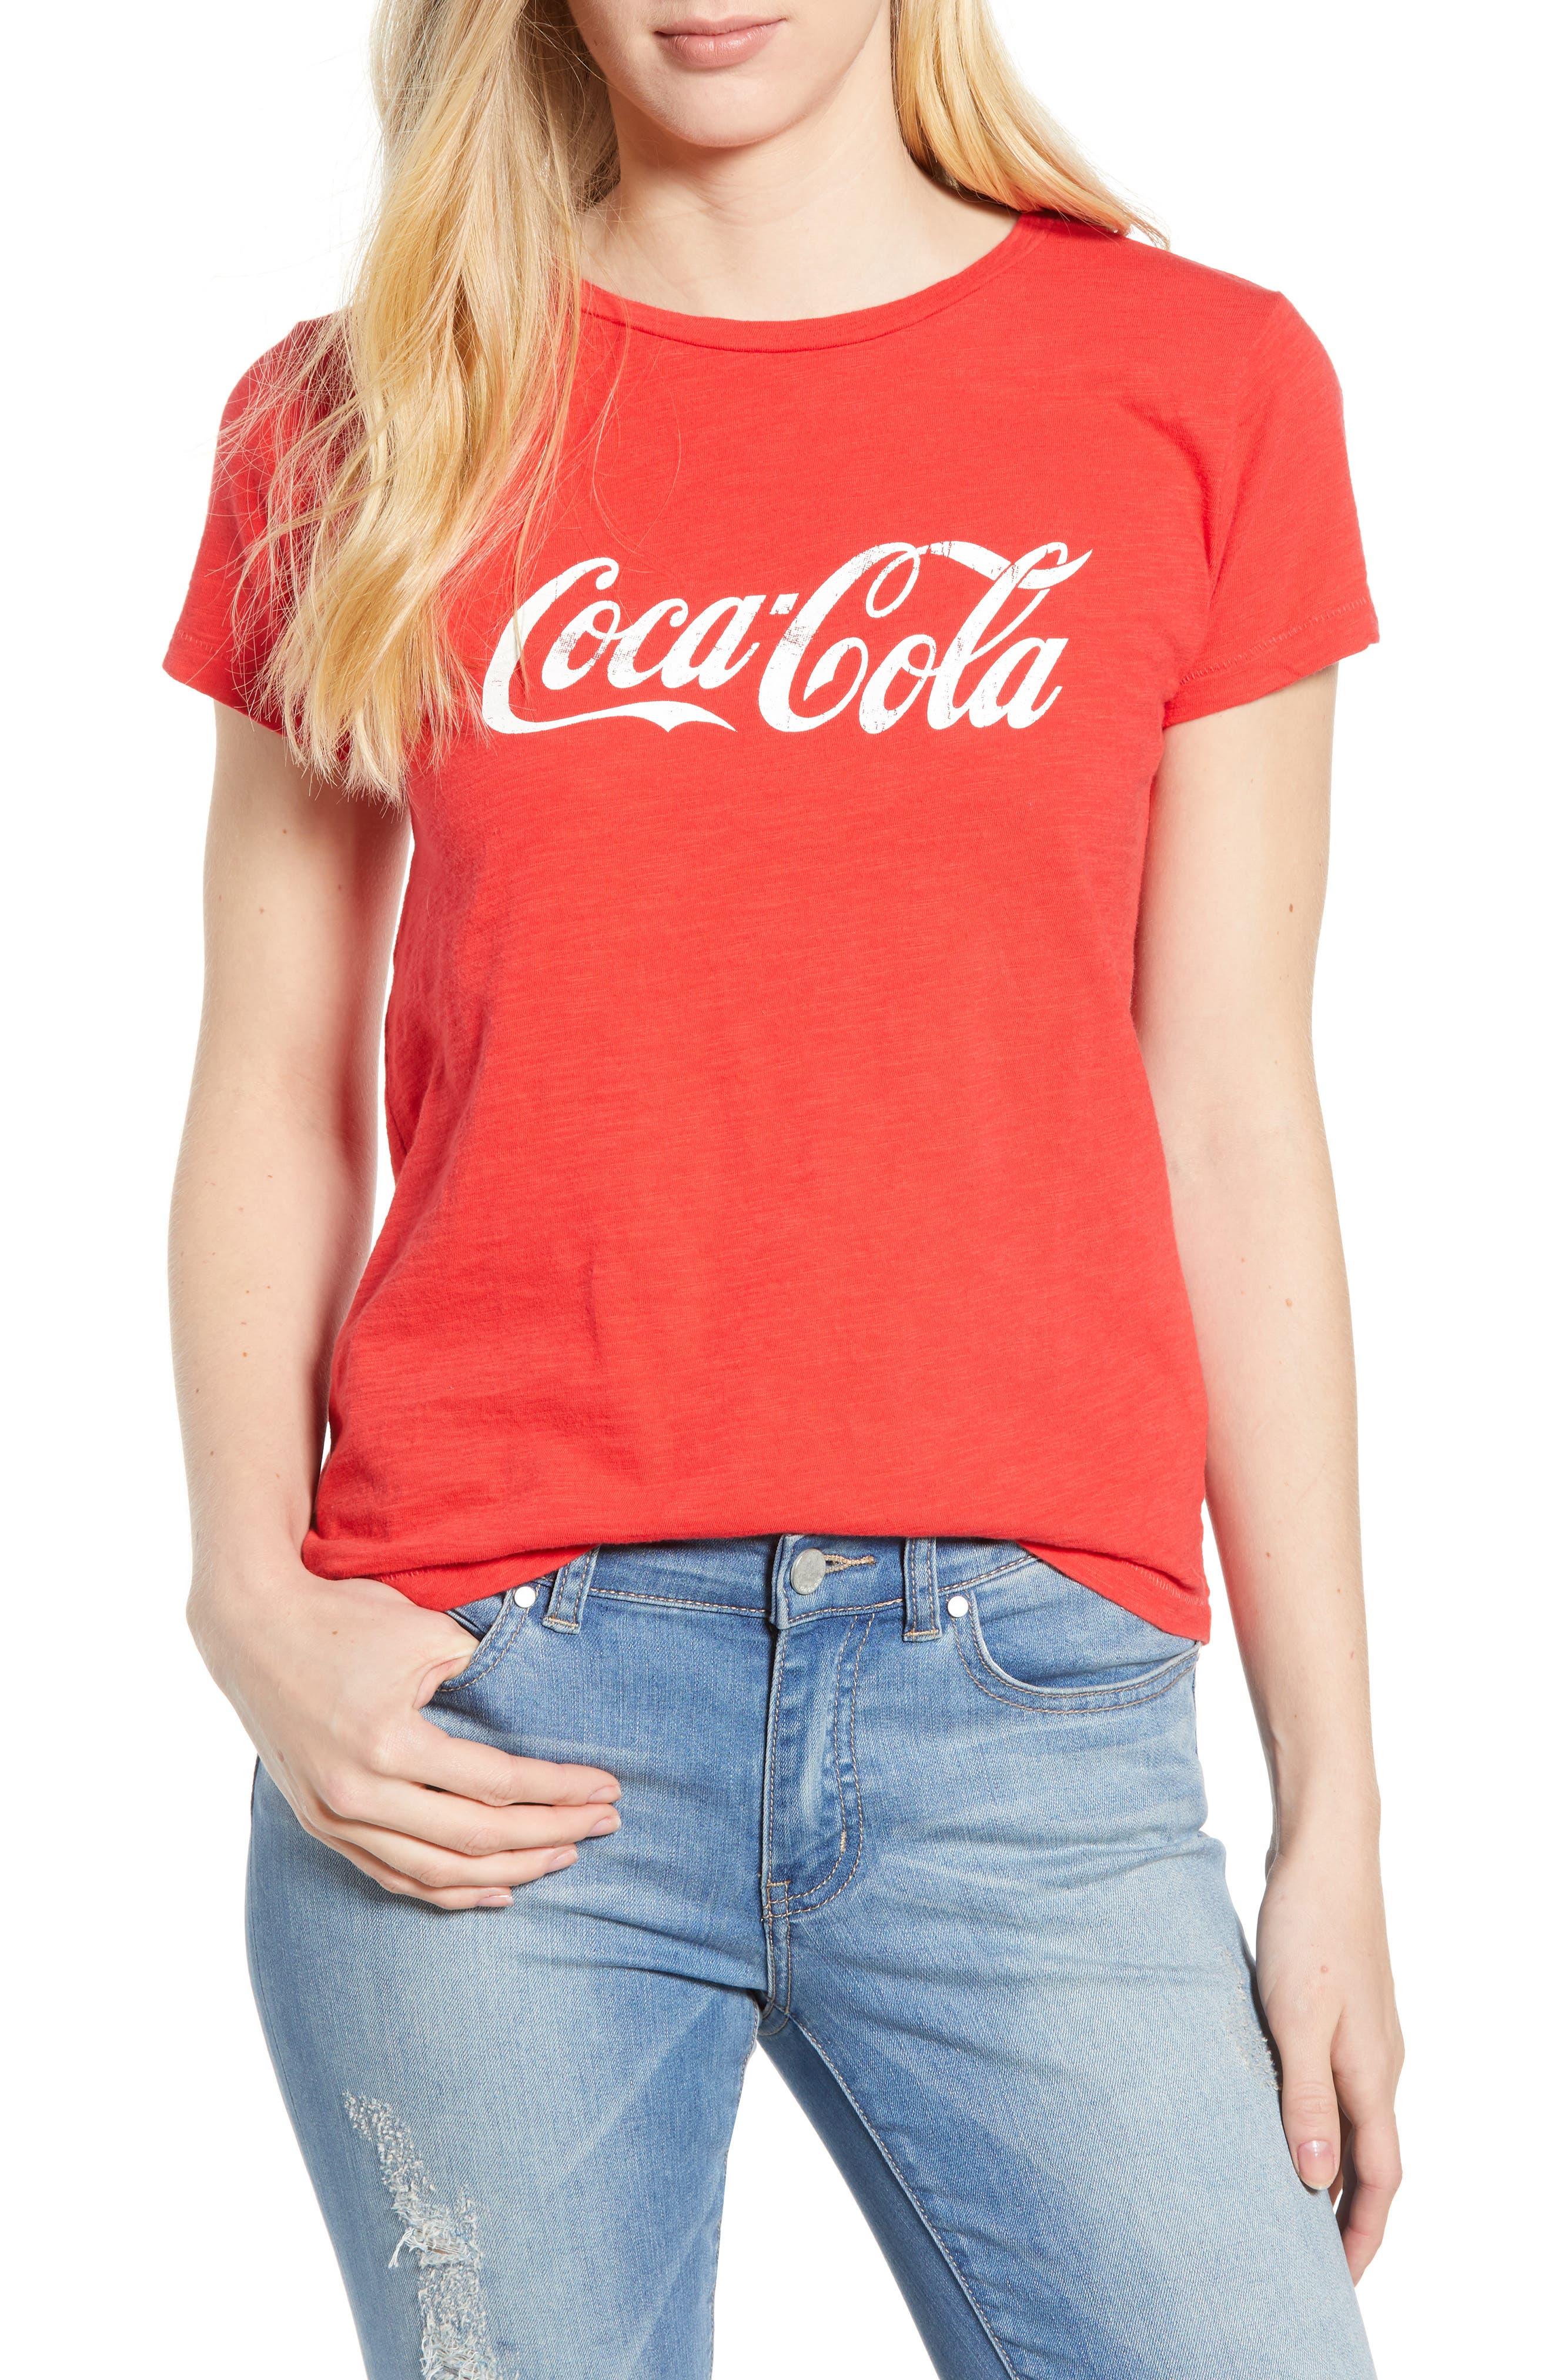 COCA COLA CLASSIC T-SHIRT